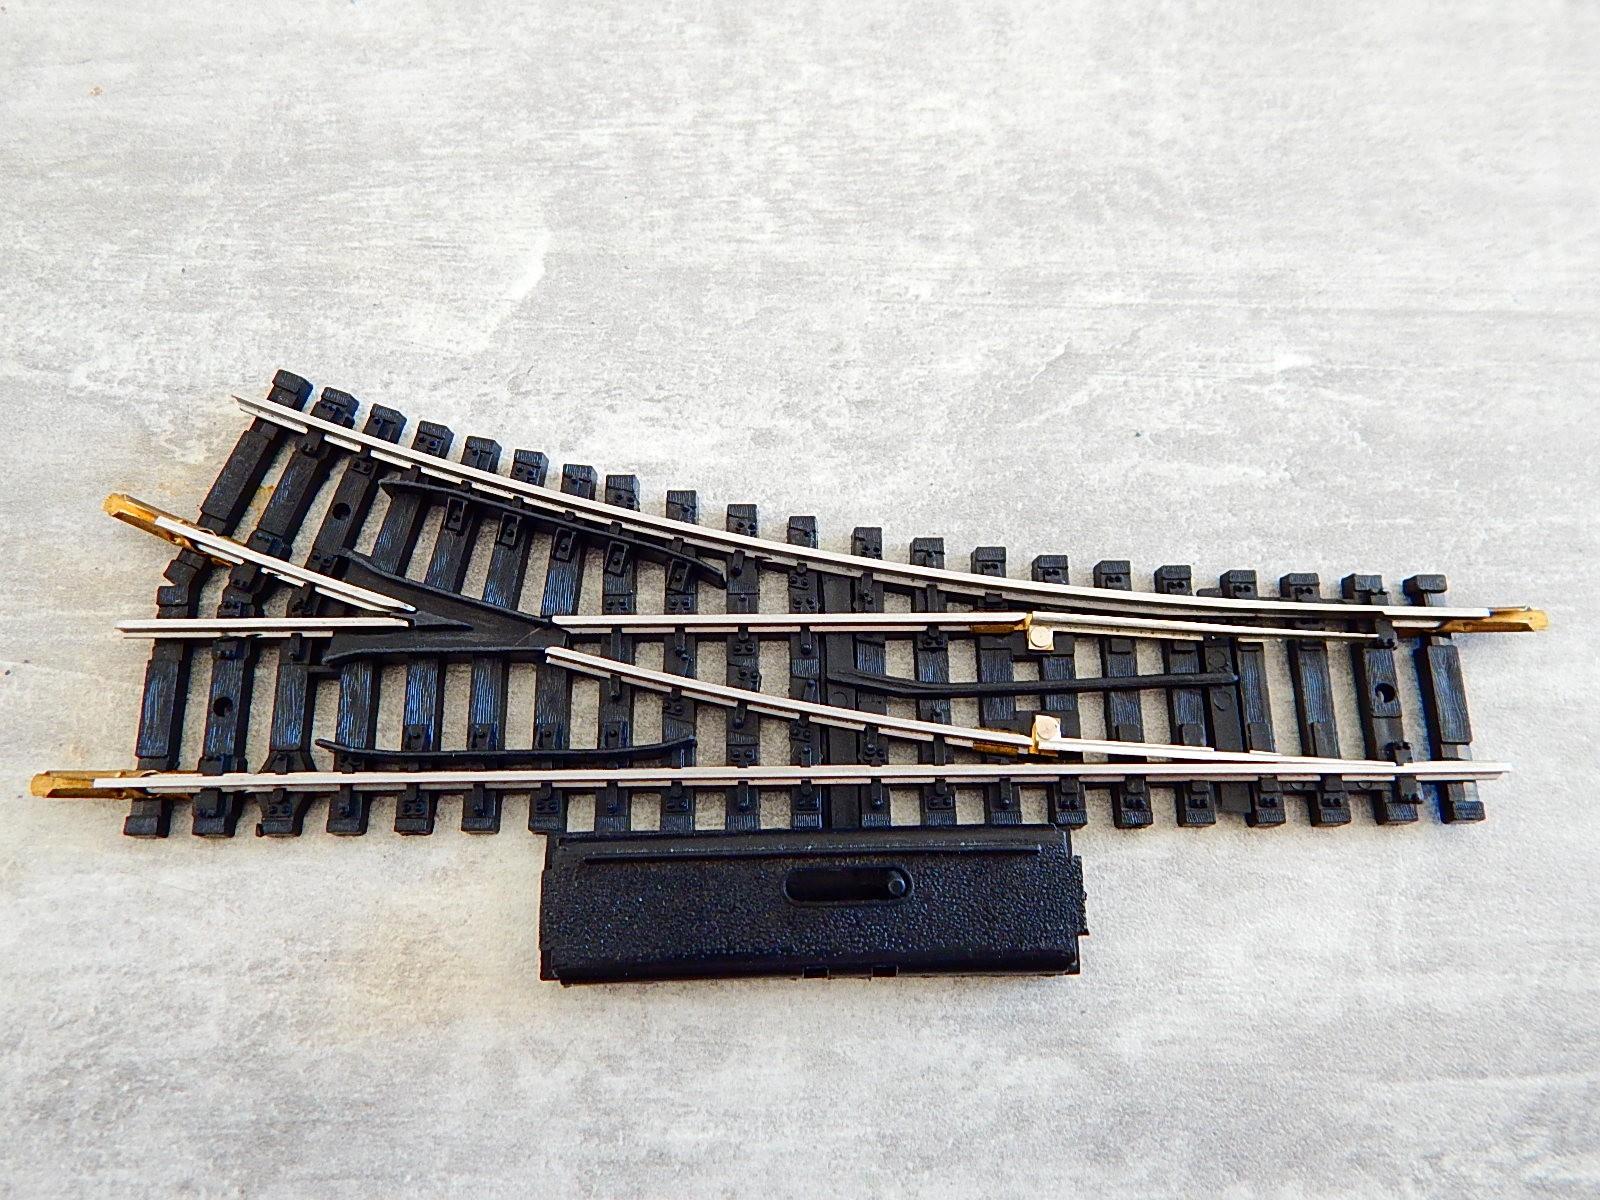 4084 un aiguillage jouef rails acier manuel r 385 derive. Black Bedroom Furniture Sets. Home Design Ideas